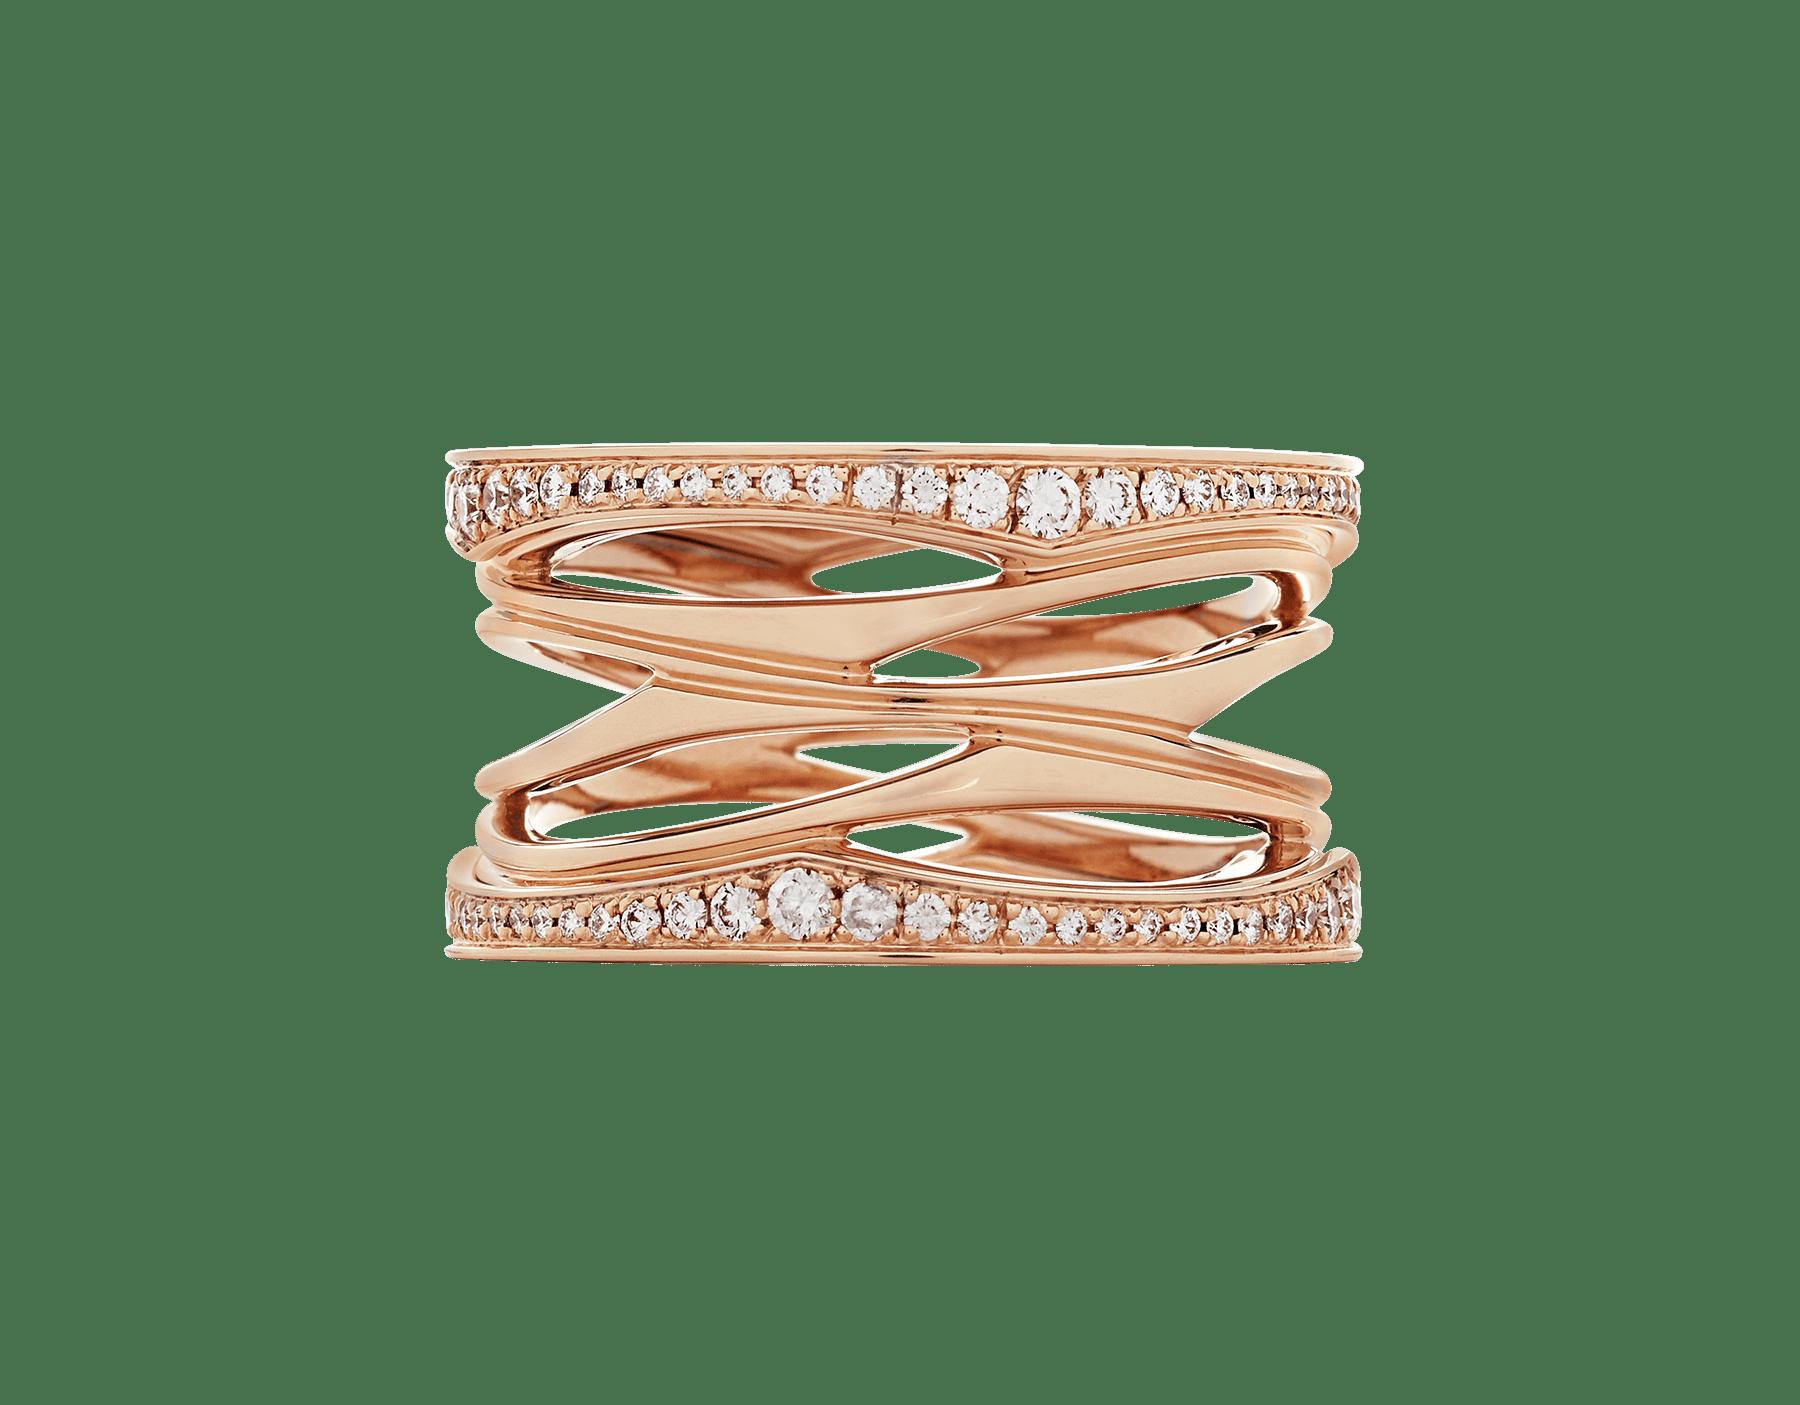 Anel B.zero1 Design Legend de 4 aros em ouro rosa 18K cravejado com pavê de diamantes nas bordas. B-zero1-4-bands-AN858125 image 3